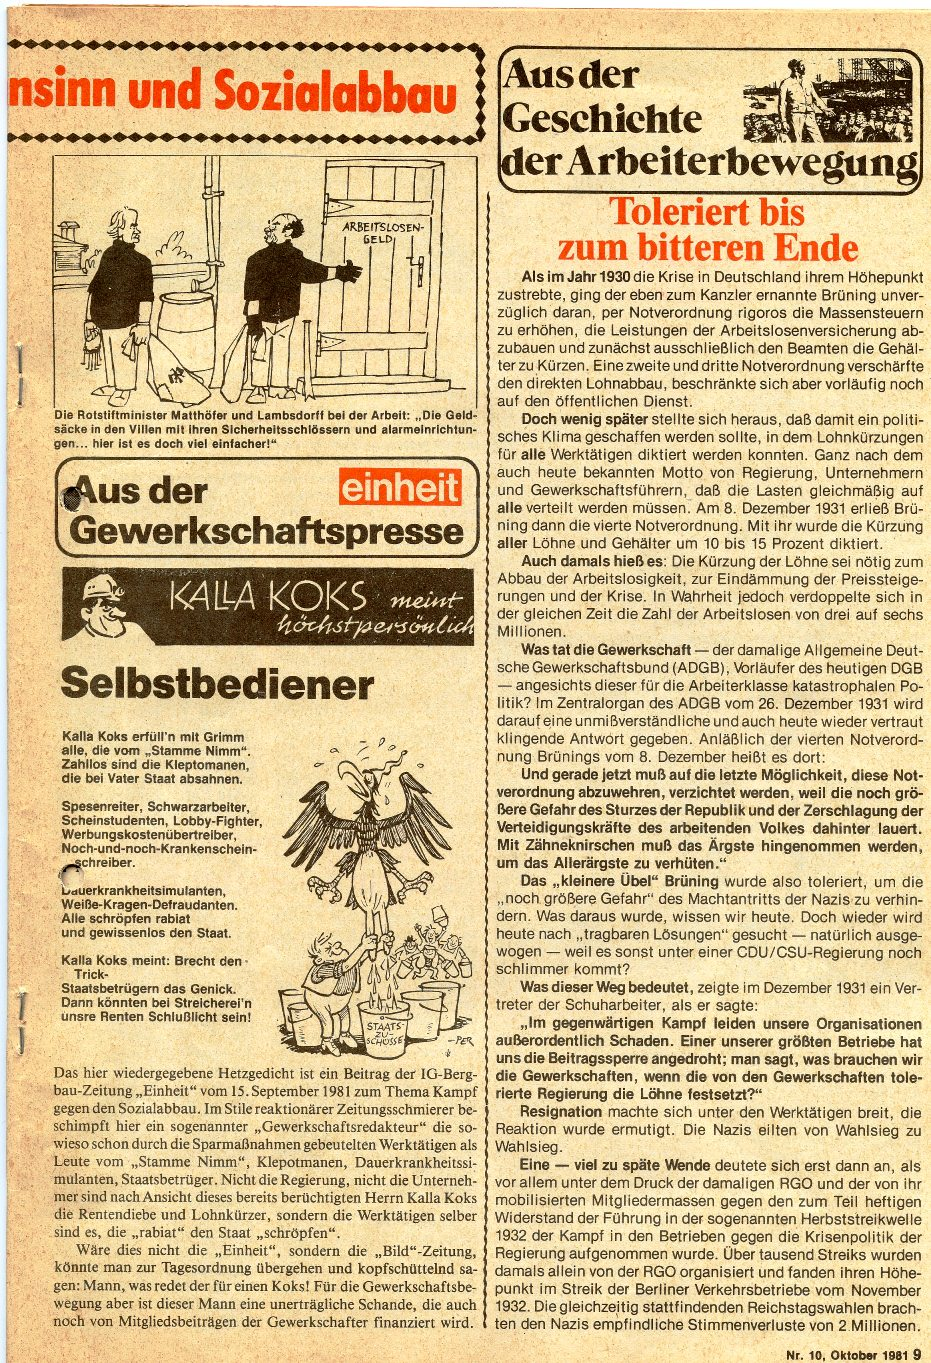 RGO_RGO_Nachrichten_1981_10_09